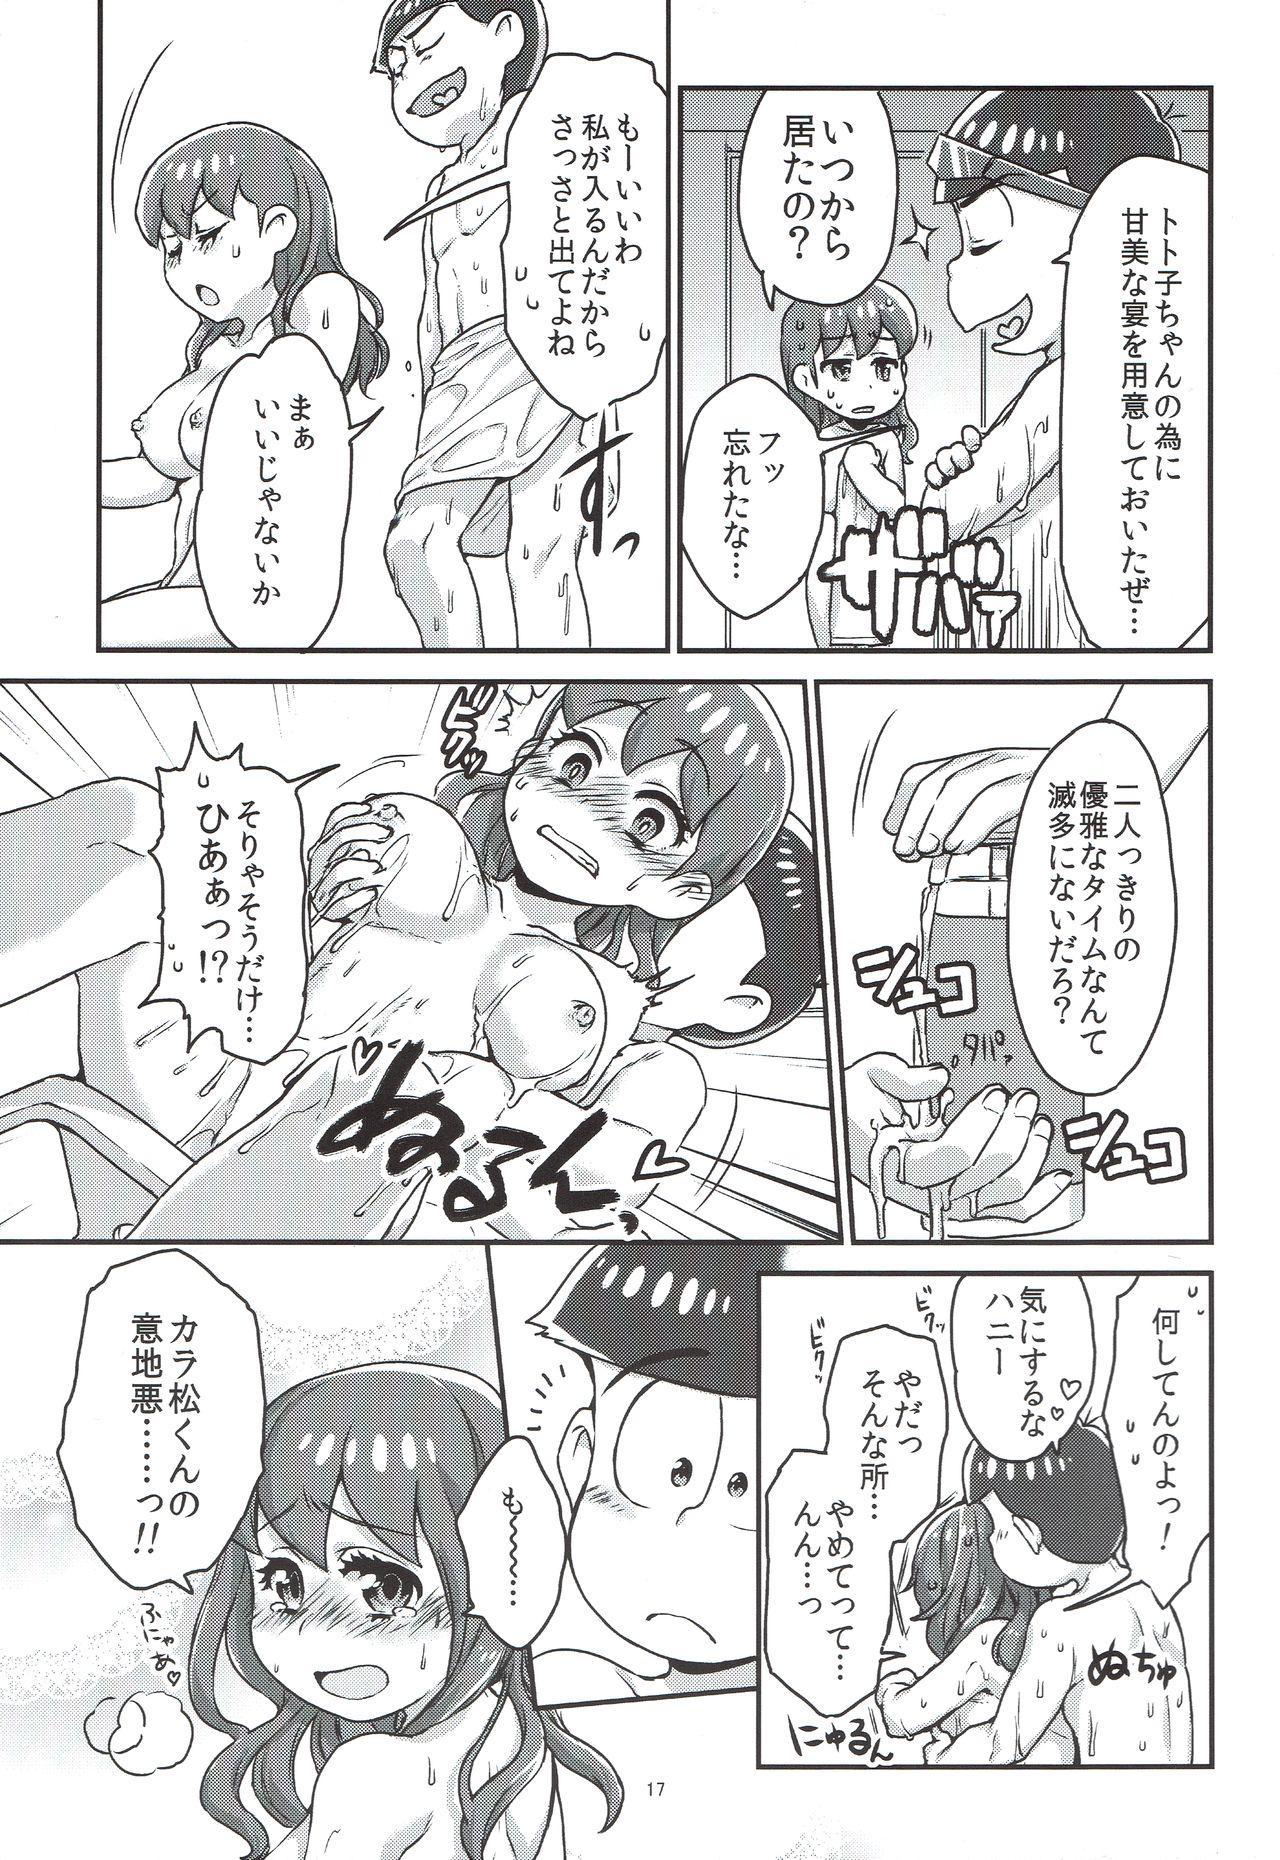 Mutsugo to Totoko-chan no Juukon Seikatsu 17